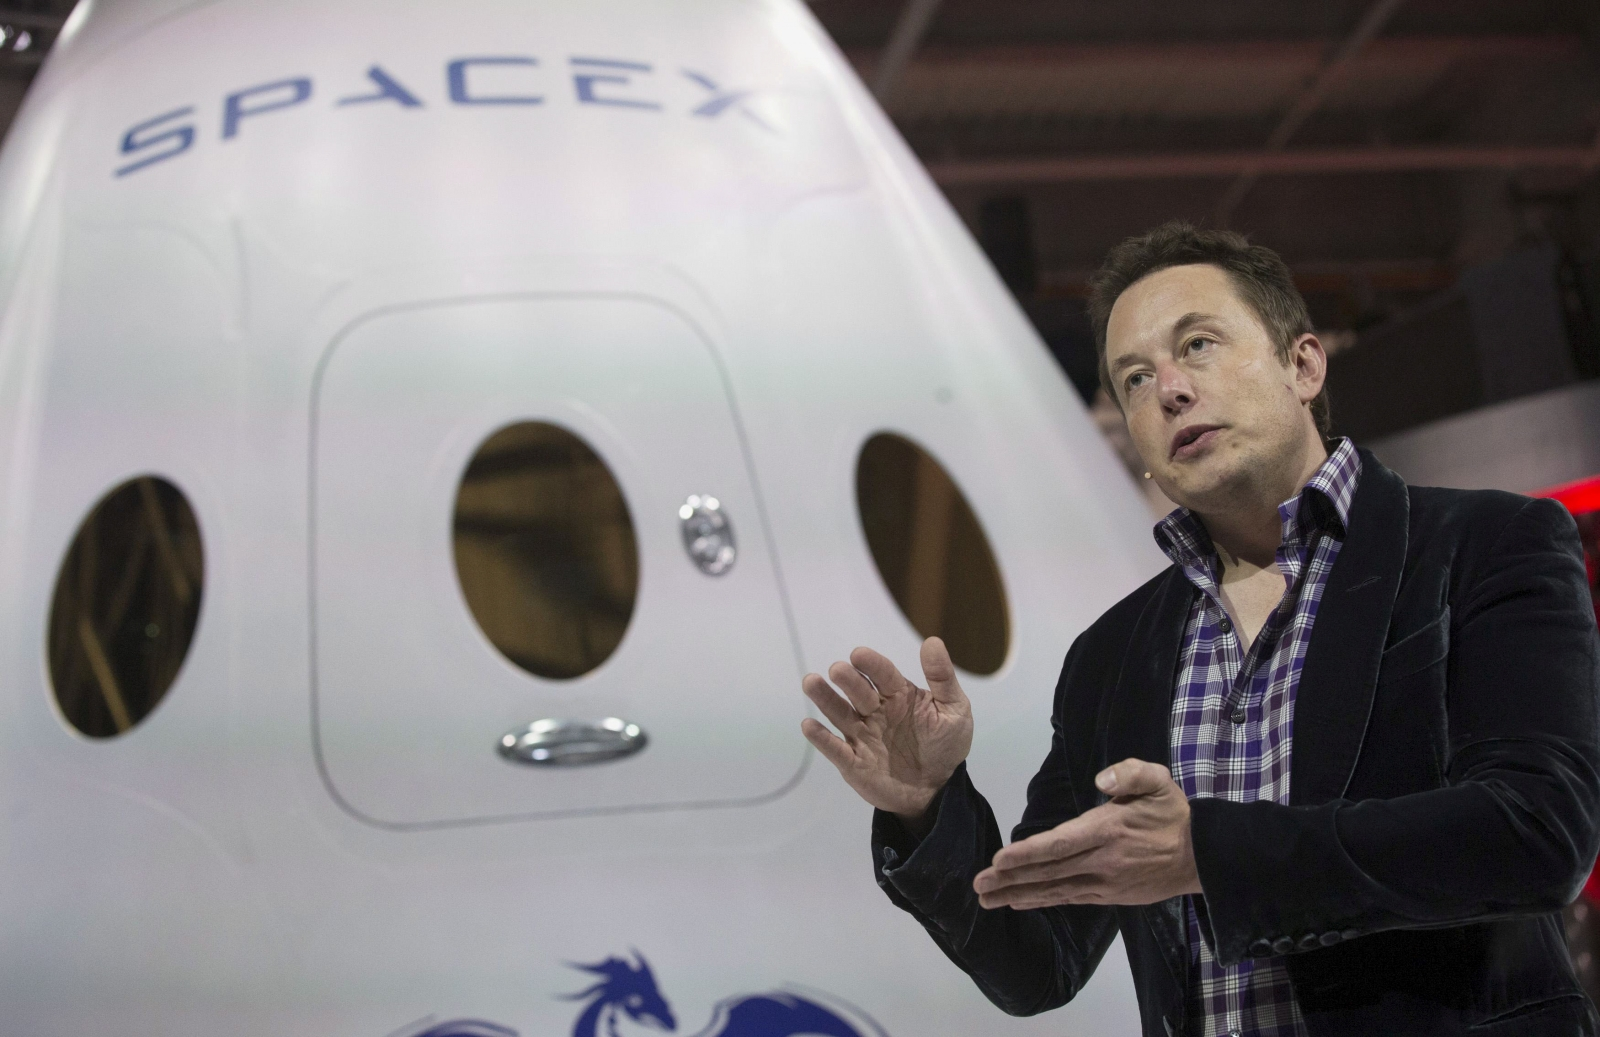 SpaceX boss Elon Musk